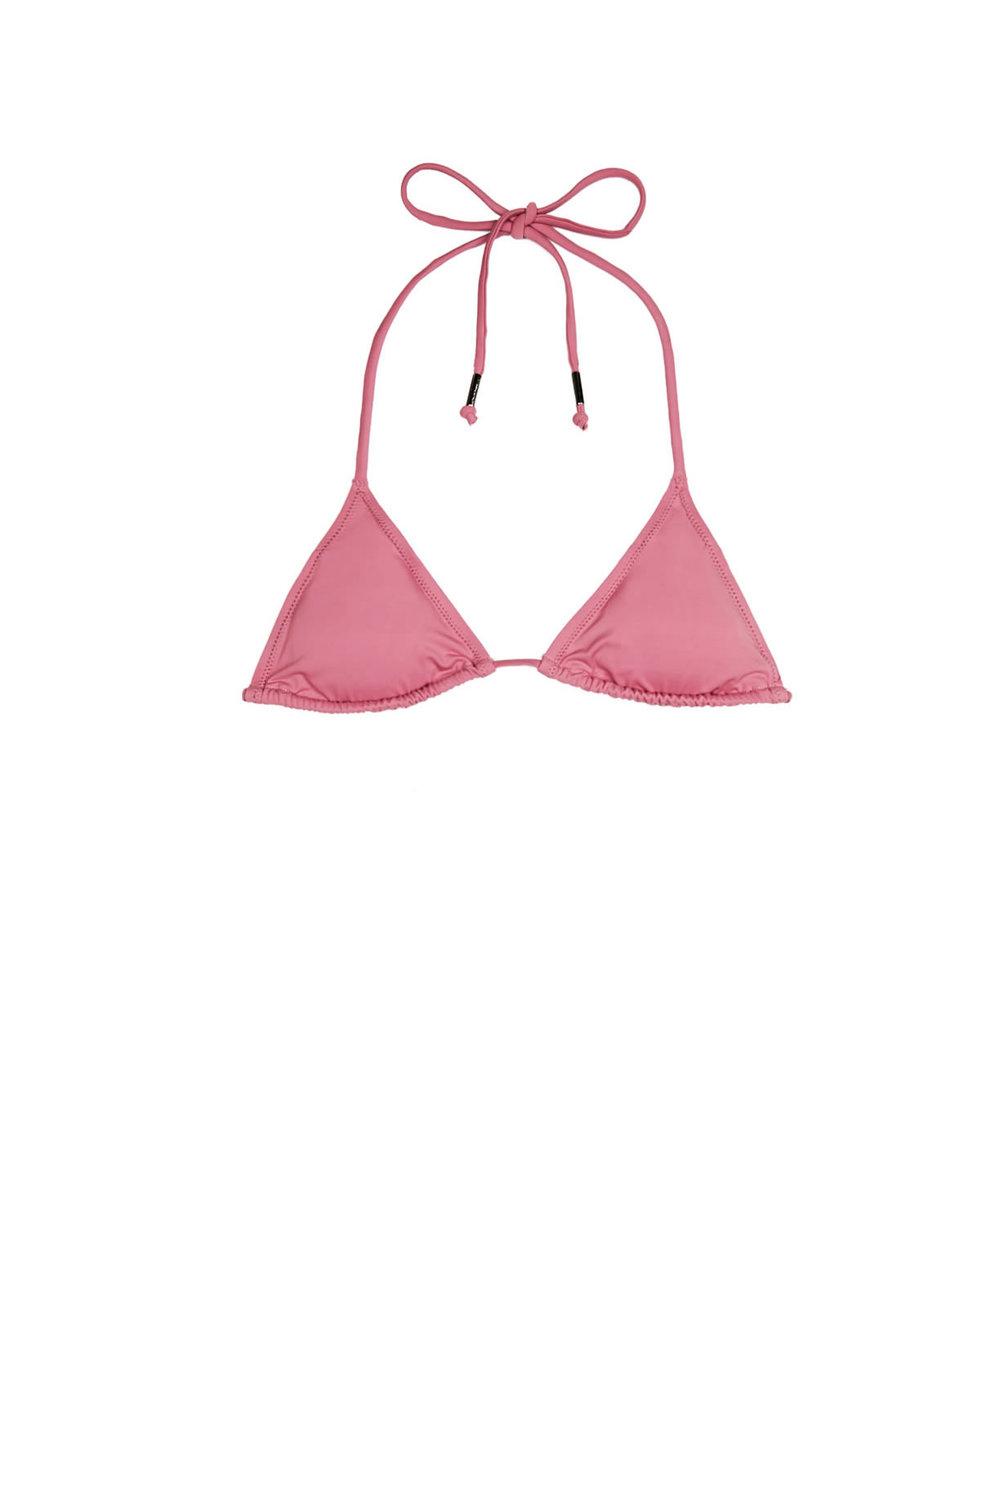 asceno-rose-bikini-top-01.jpg